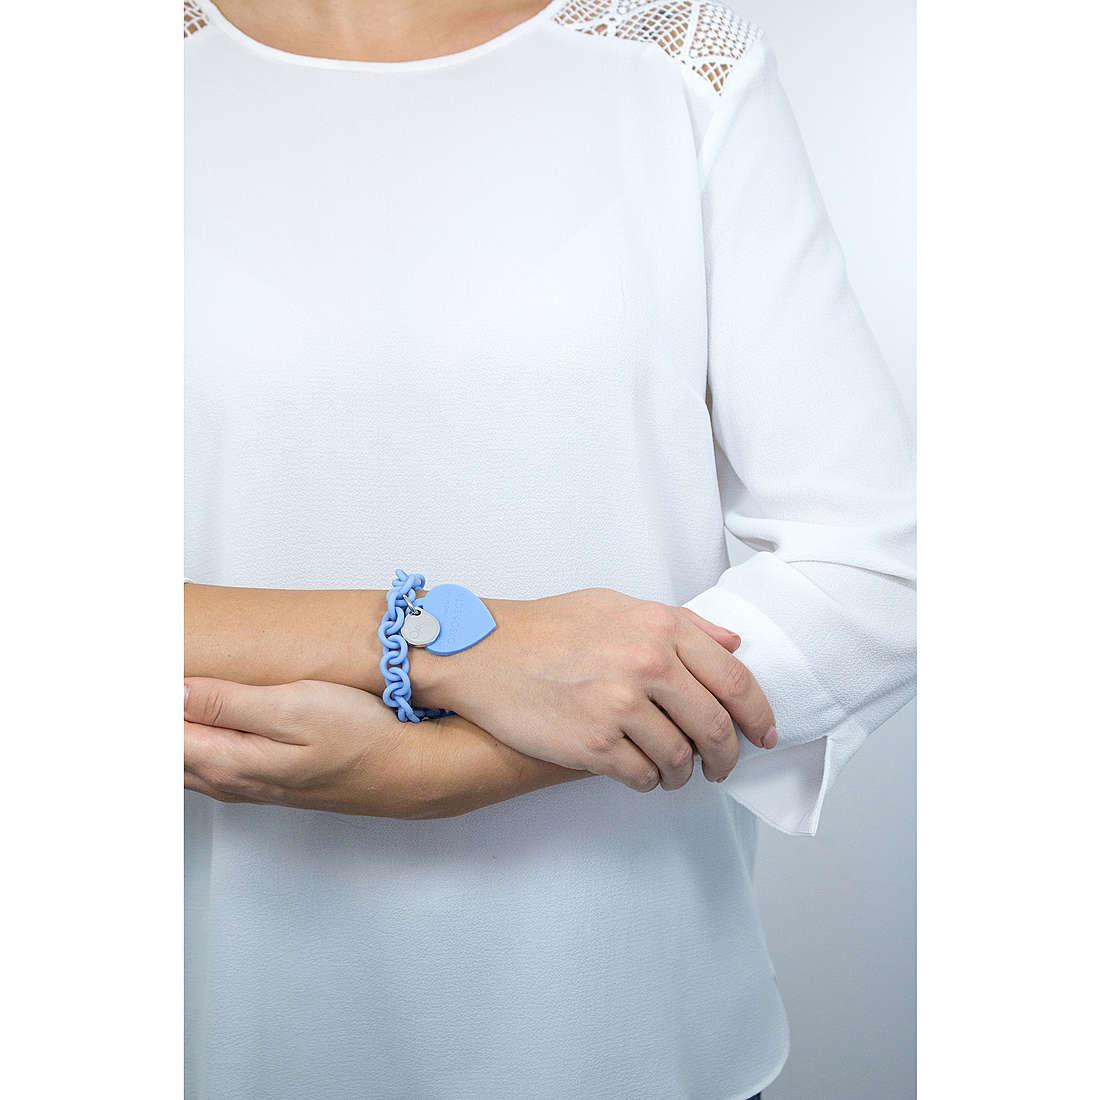 Ops Objects bracelets Ops Love femme OPSBR-08 photo wearing